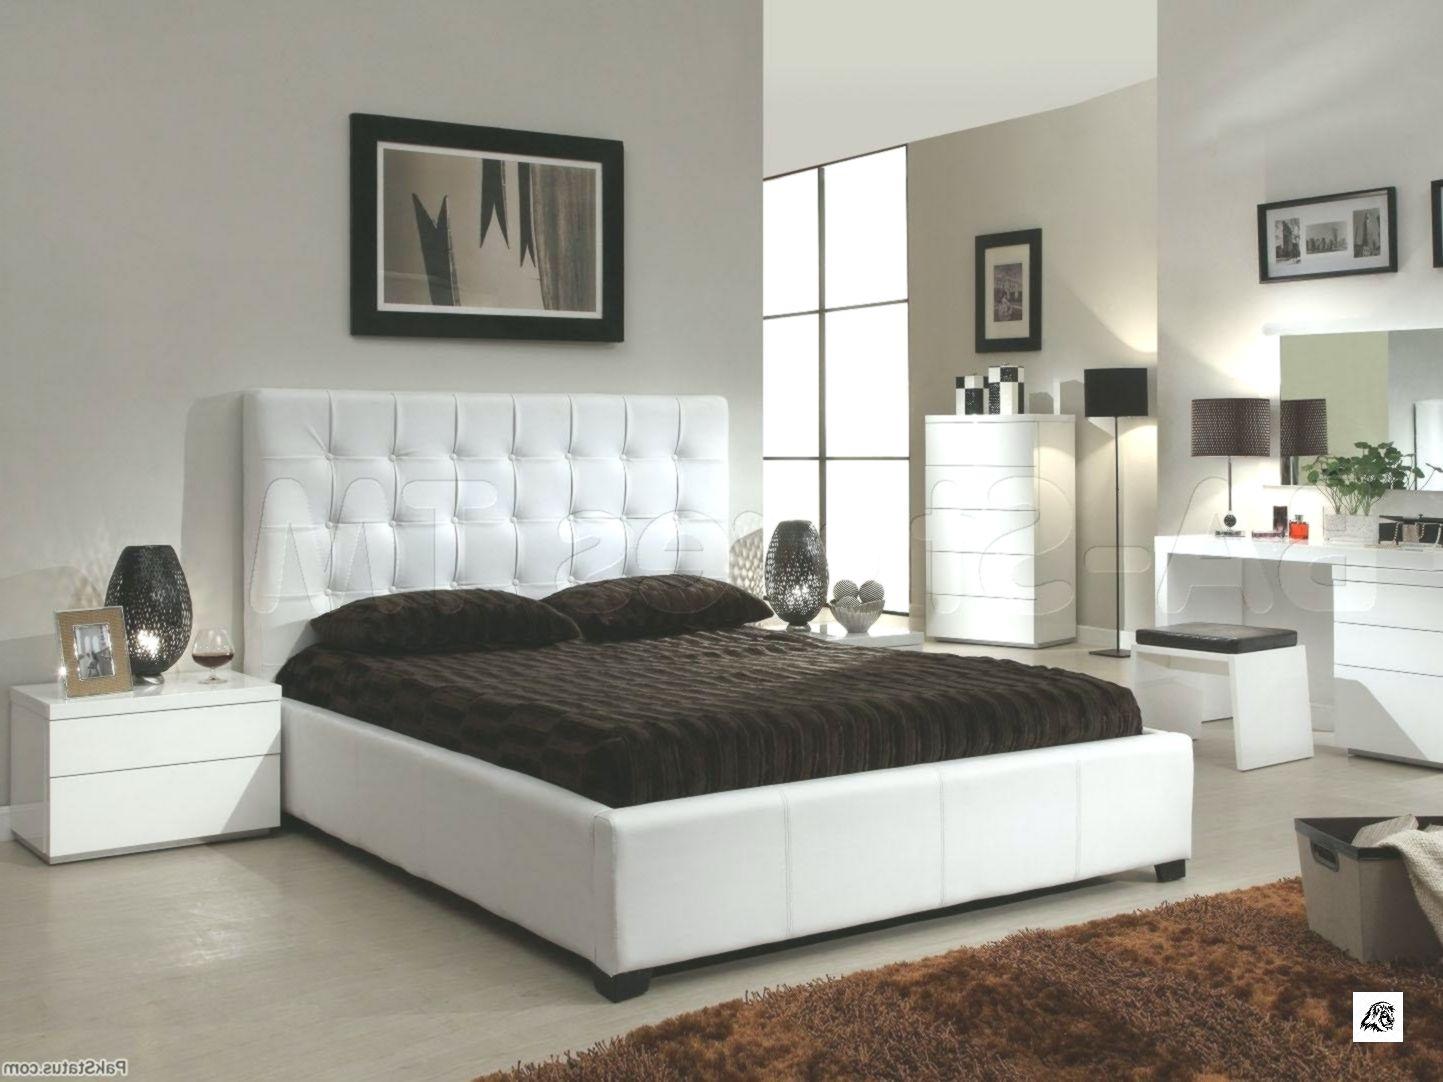 Nice New Bed Set 8 On Great Bedroom Design Model Sets Youtube Room Bedroom Design